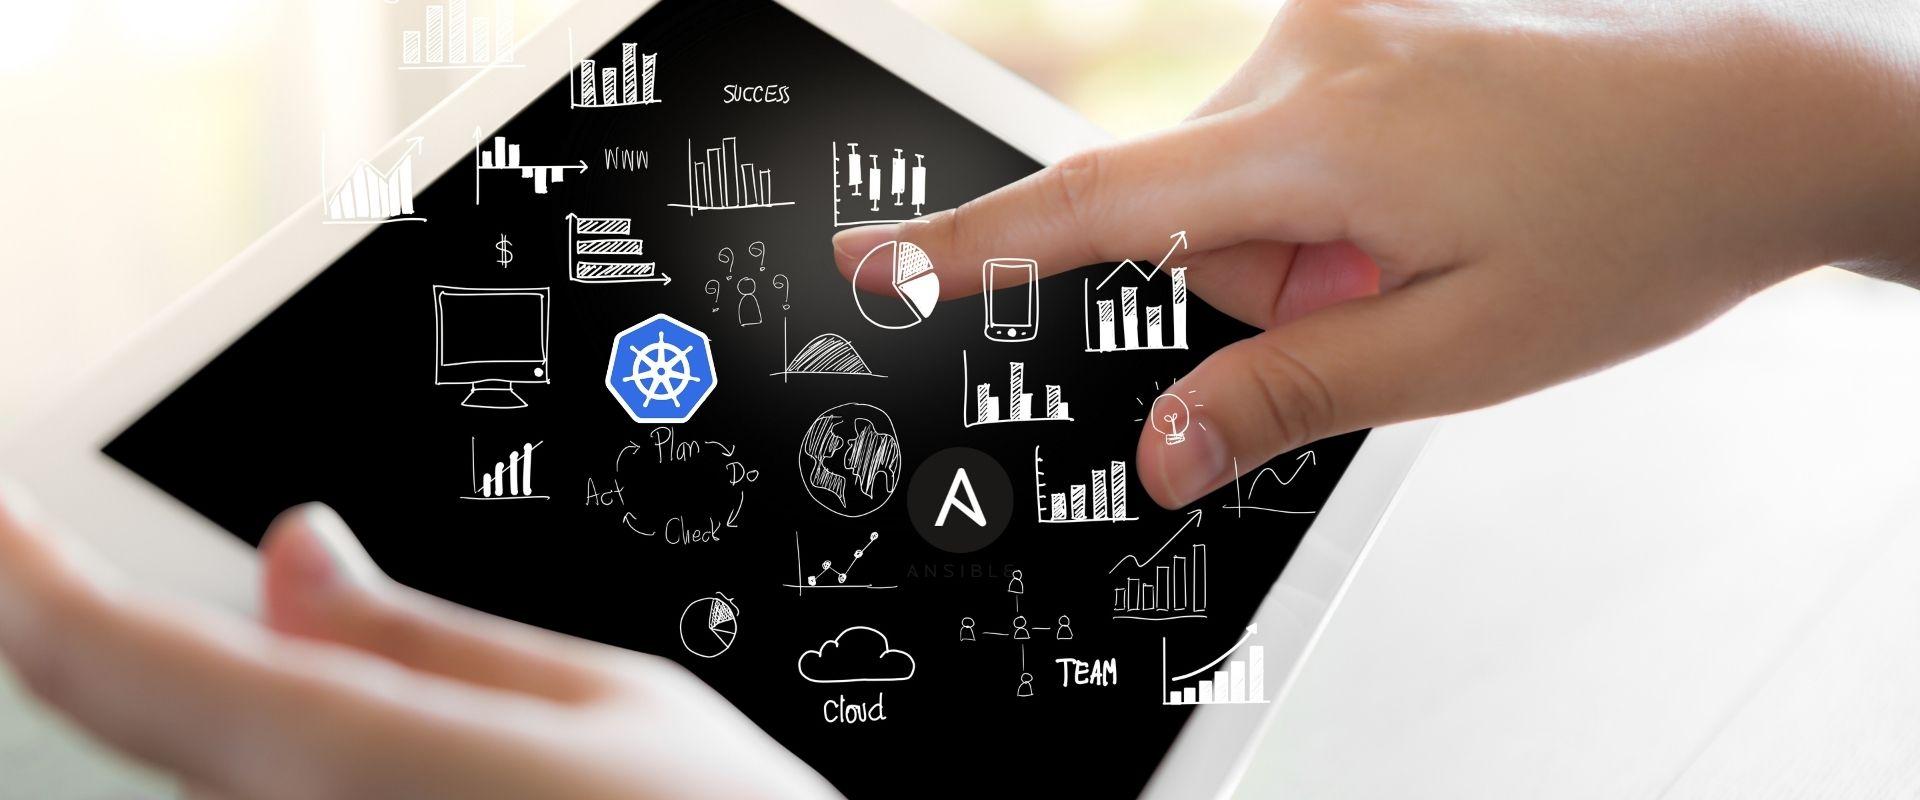 Conheça as principais ferramentas DevOps